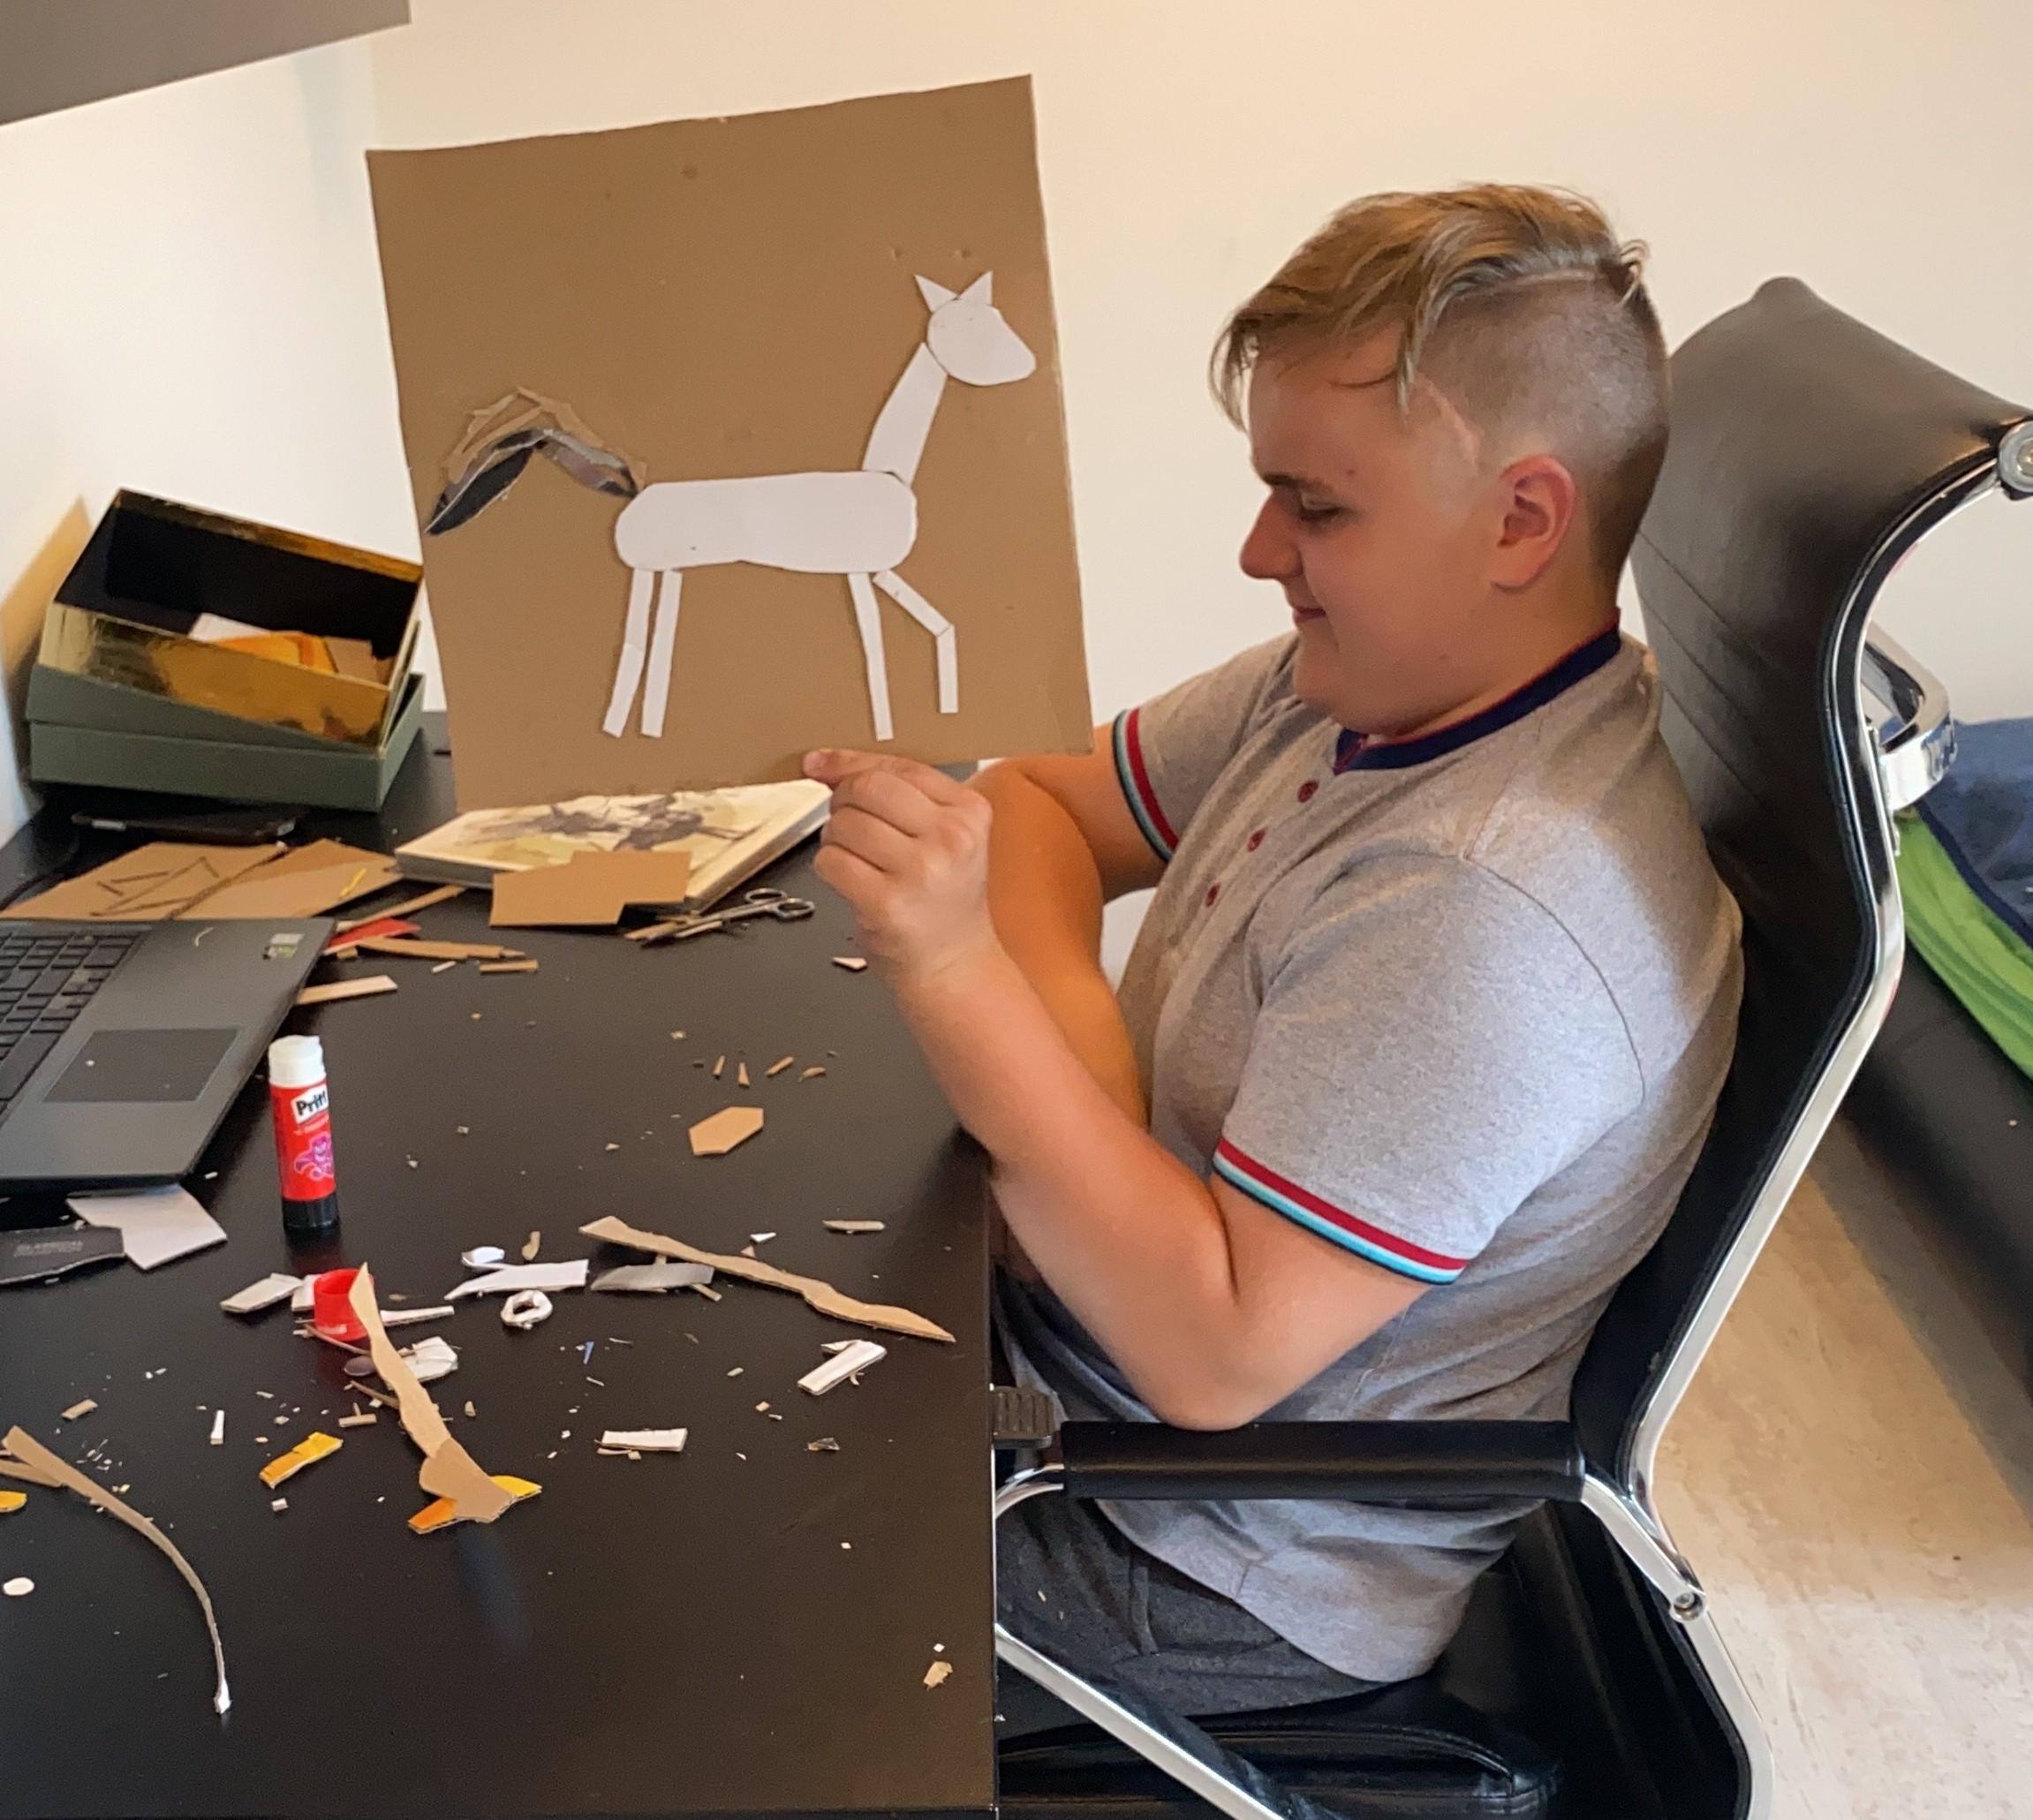 """Reinoldas Kelpša. Nuotrauka daryta iliustracijų kūrimo proceso metu. Jaunas vaikinas sėdi pasisukęs šonu prie darbinio rašomojo stalo, ant kurio yra klijai, žirklės ir popieriaus atraižos. Rankoje menininkas laiko iškeltą dar nebaigtą kūrinį knygai """"Neringa ir Naglis"""" – ant kartono lapo pavaizduotas bėgantis šviesus žirgas su iškelta uodega."""